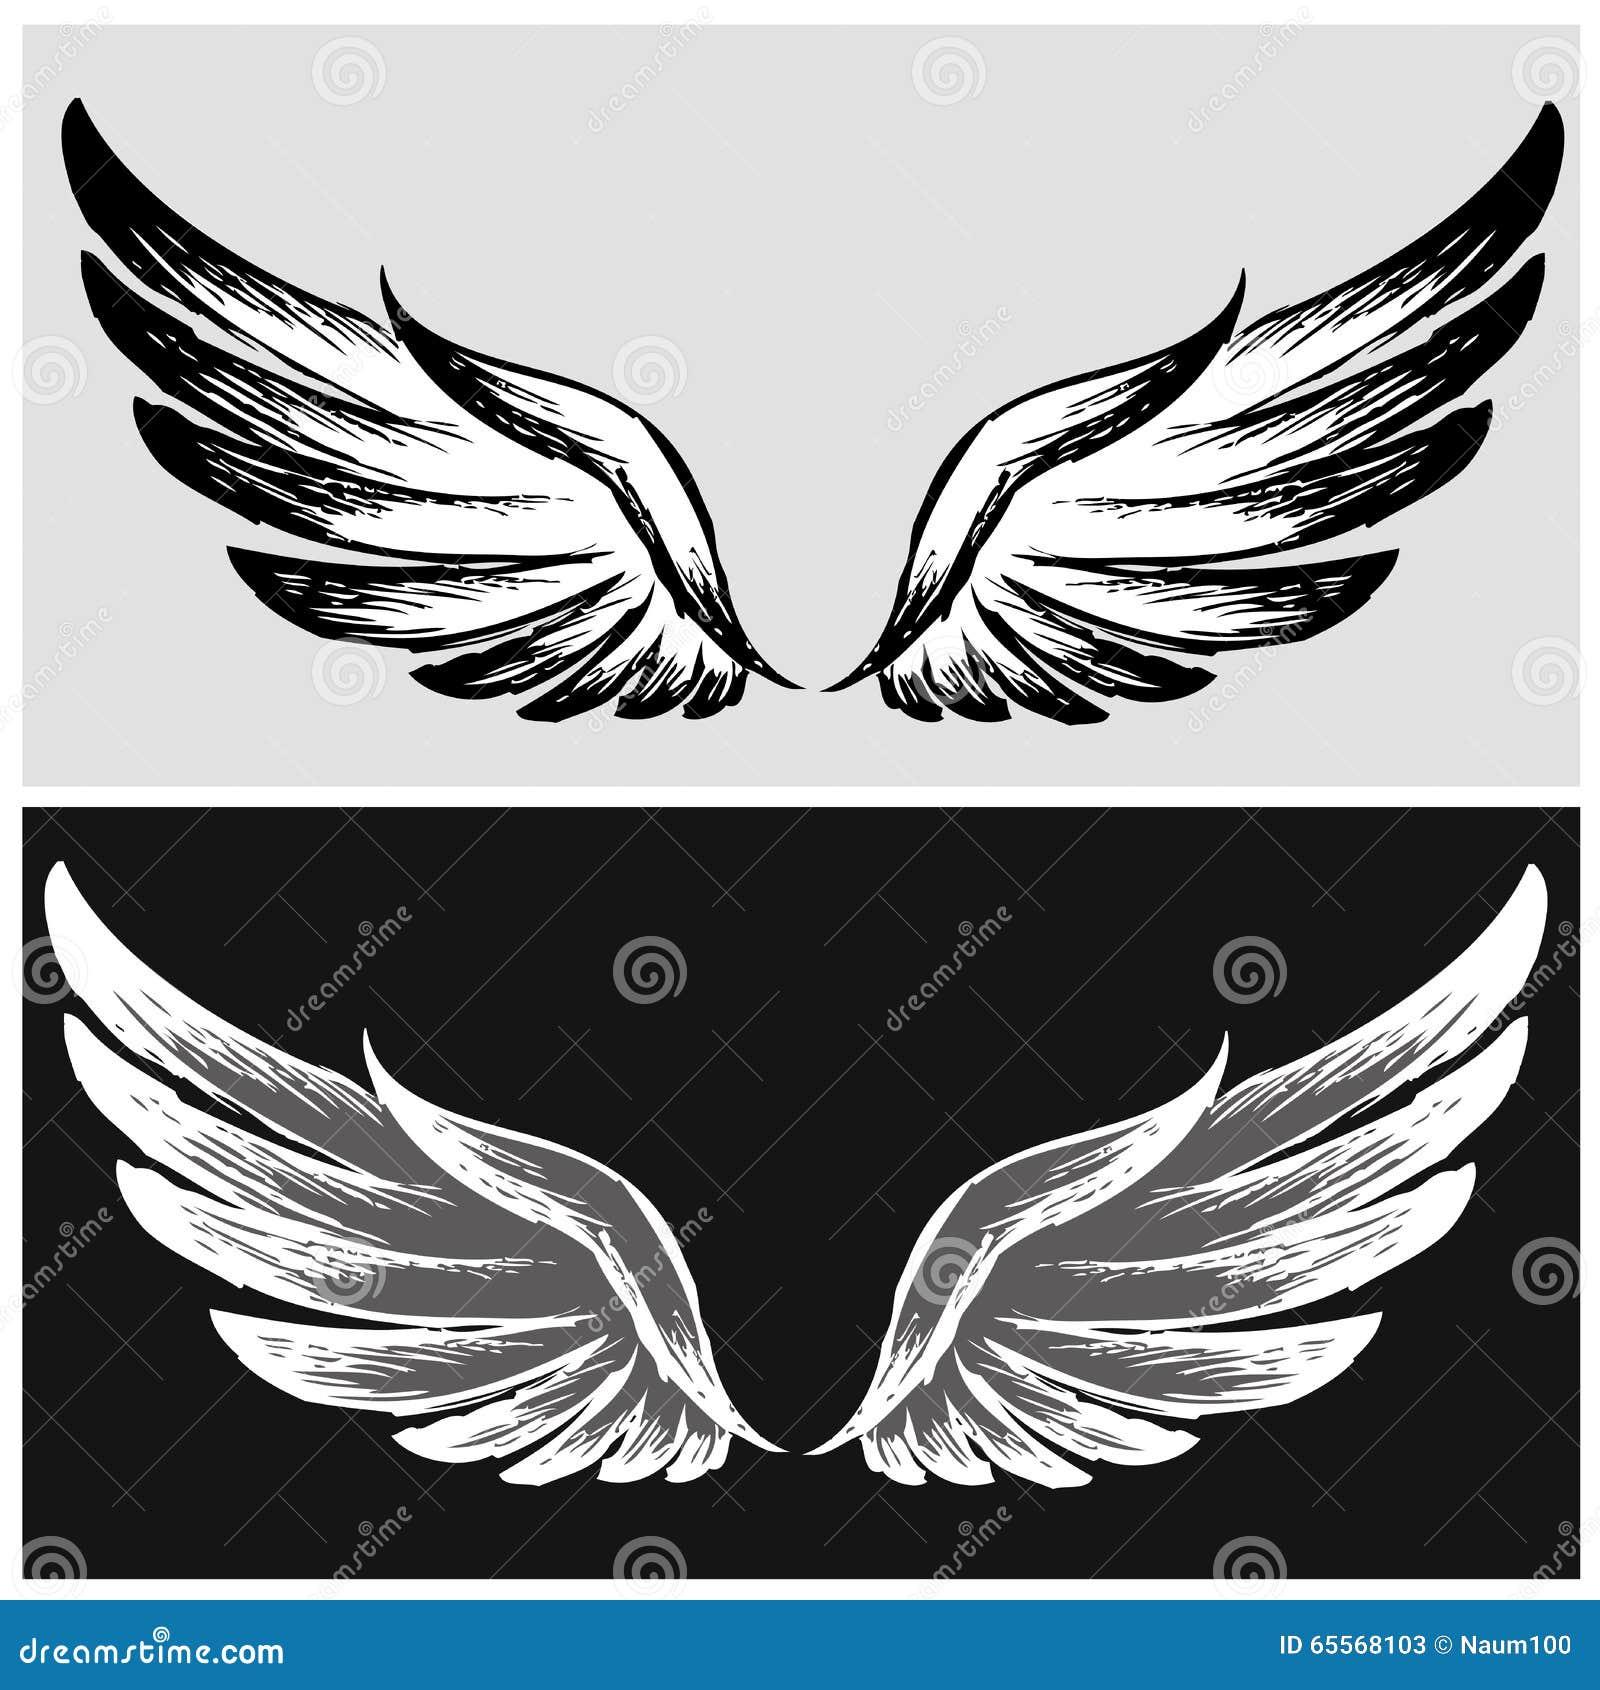 Placez les ailes dessin de main illustration de vecteur - Aile de dragon dessin ...